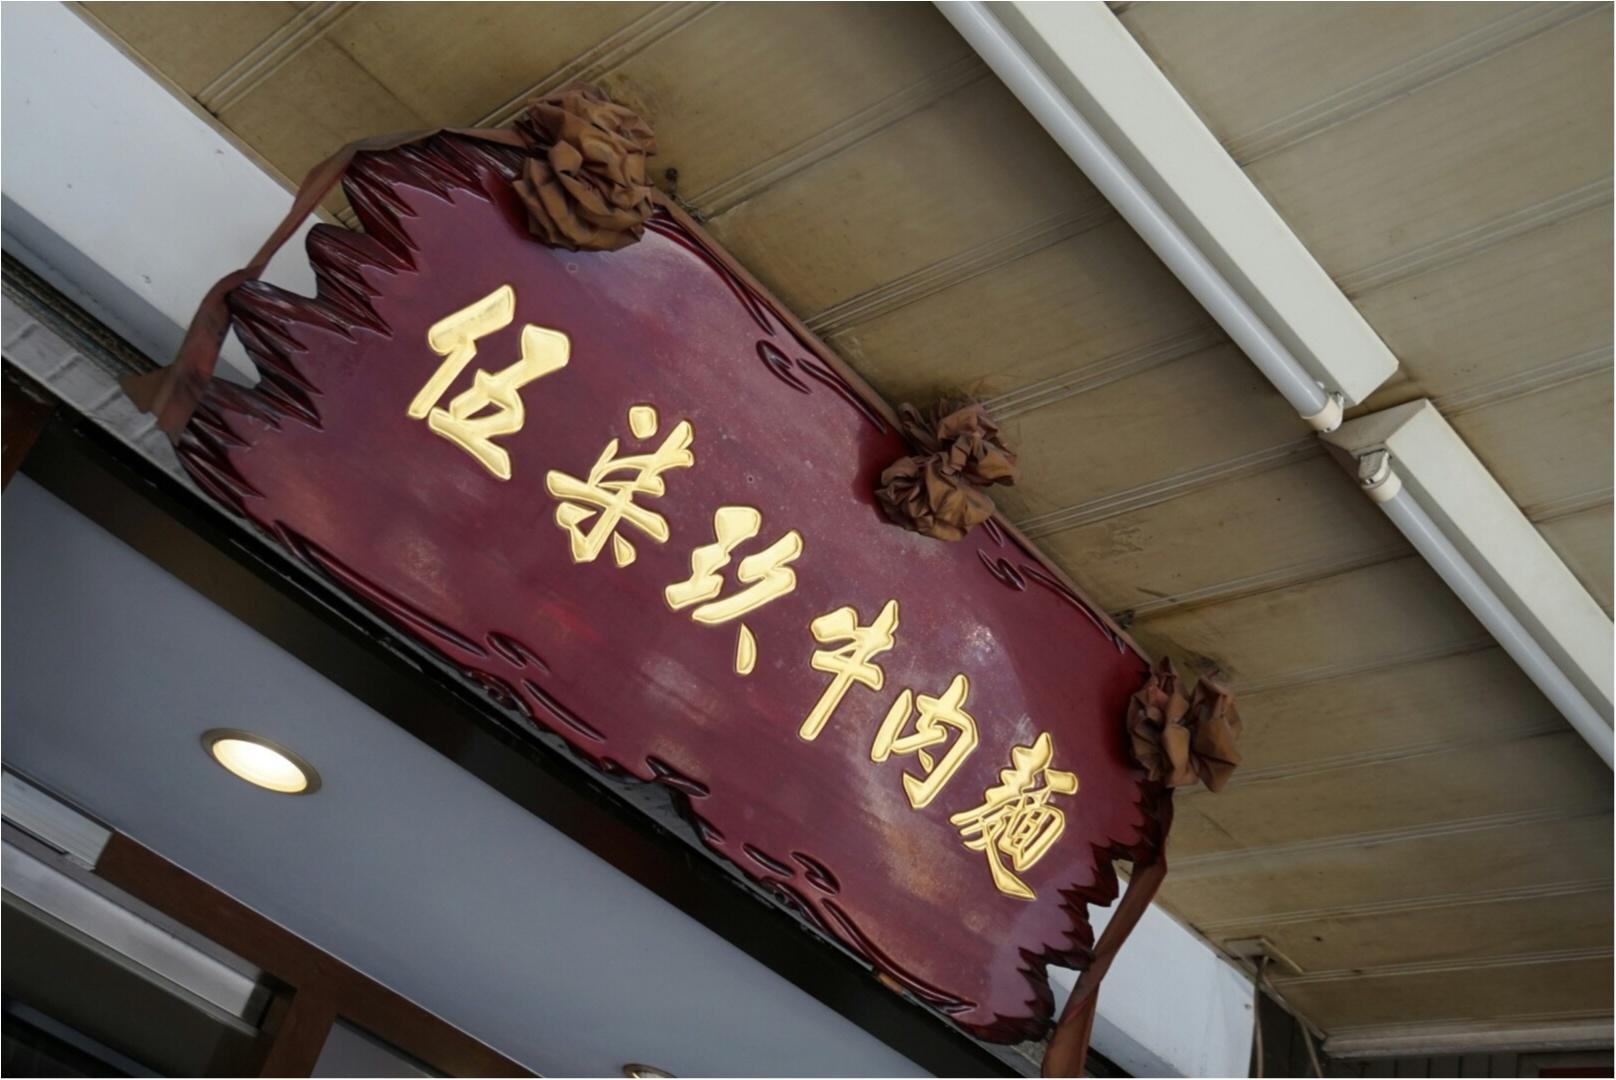 台湾のおしゃれなカフェ&食べ物特集 - 人気のタピオカや小籠包も! 台湾女子旅におすすめのグルメ情報まとめ_76